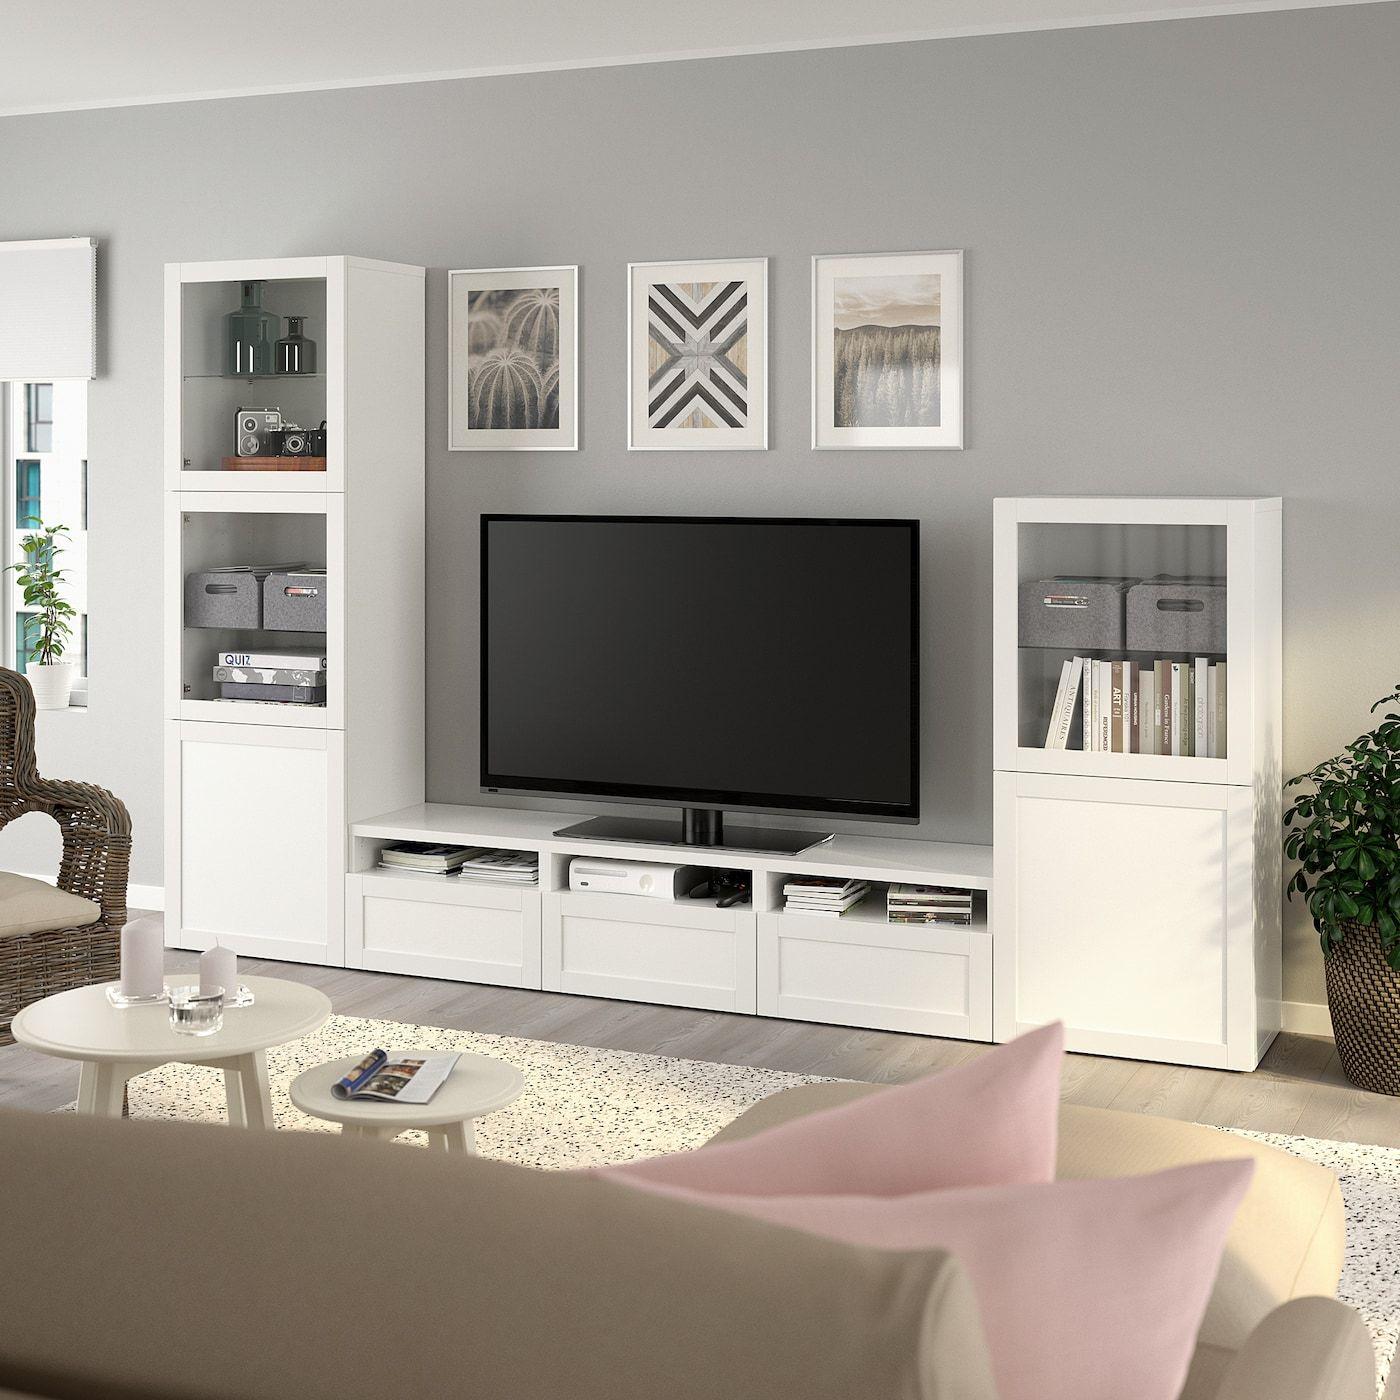 Besta Combinazione Tv Ante A Vetro Bianco Hanviken Vetro Trasparente Bianco Ikea It Vetro Trasparente Porta In Vetro Design Per Il Soggiorno